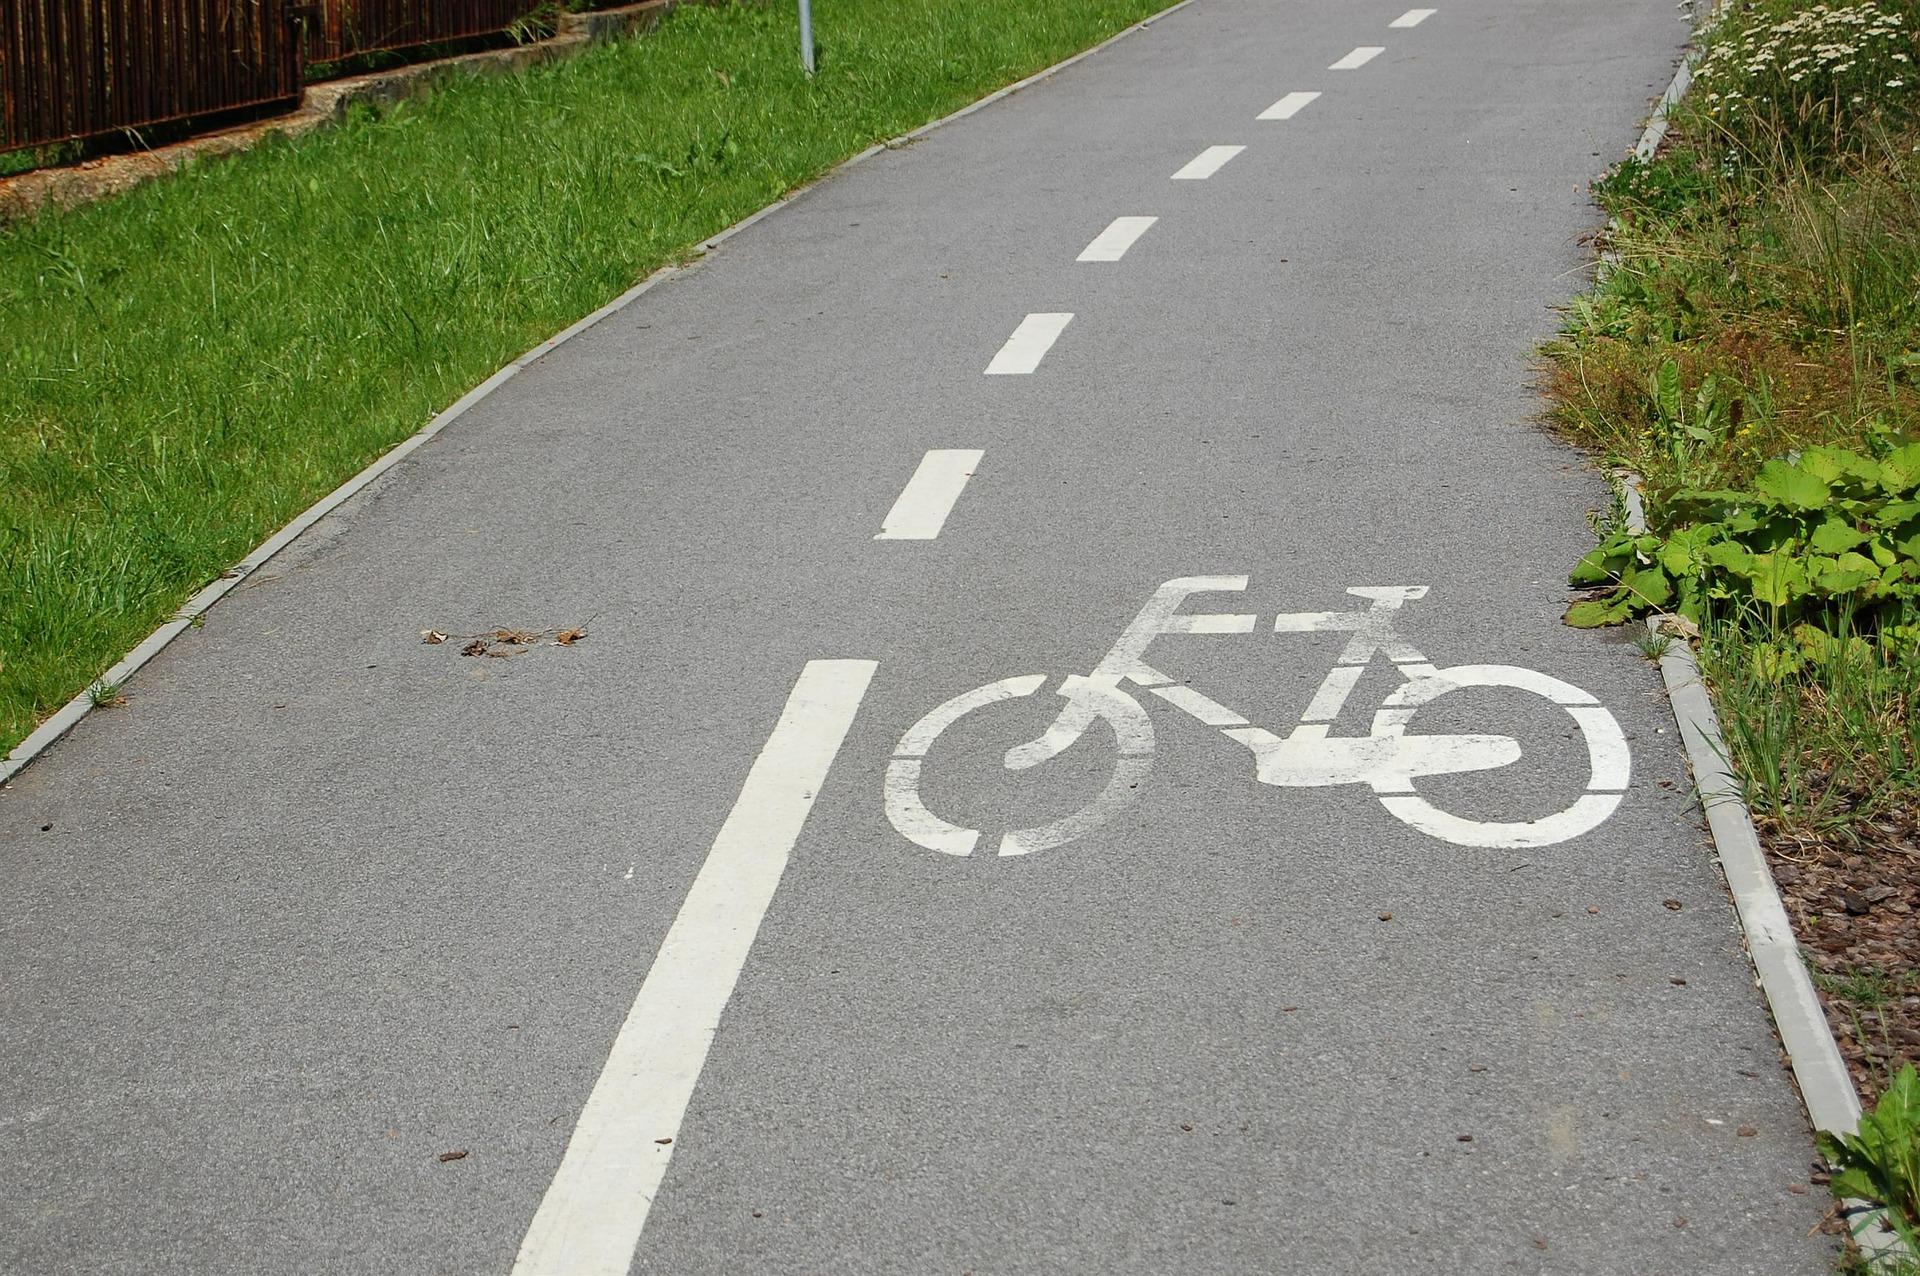 Bewegung beim geplanten Radschnellweg zwischen Wuppertal und Düsseldorf